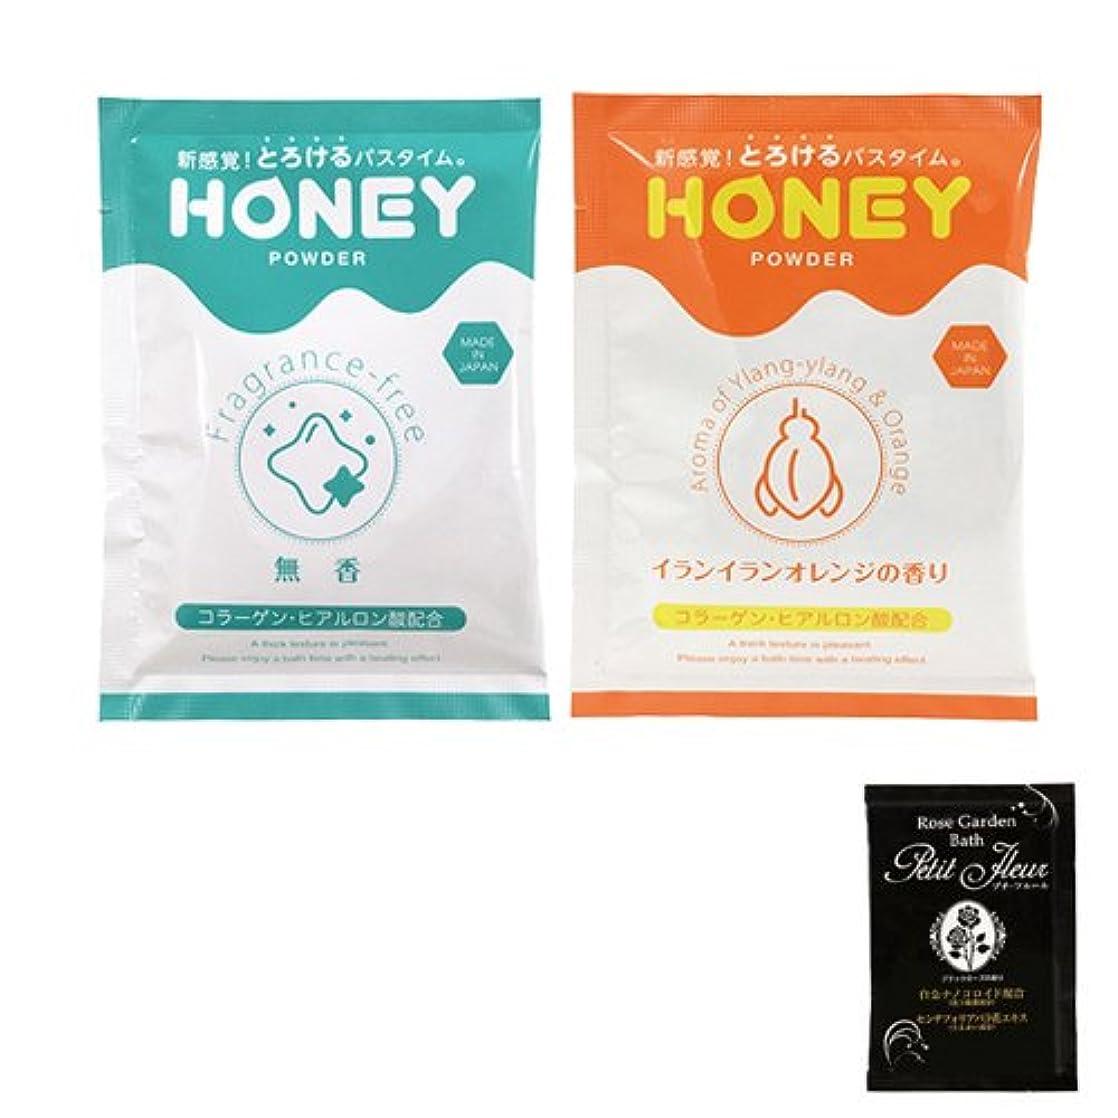 不適切なバイオリニスト利益とろとろ入浴剤【honey powder】粉末タイプ イランイランオレンジの香り + 無香 + 入浴剤(プチフルール)1回分